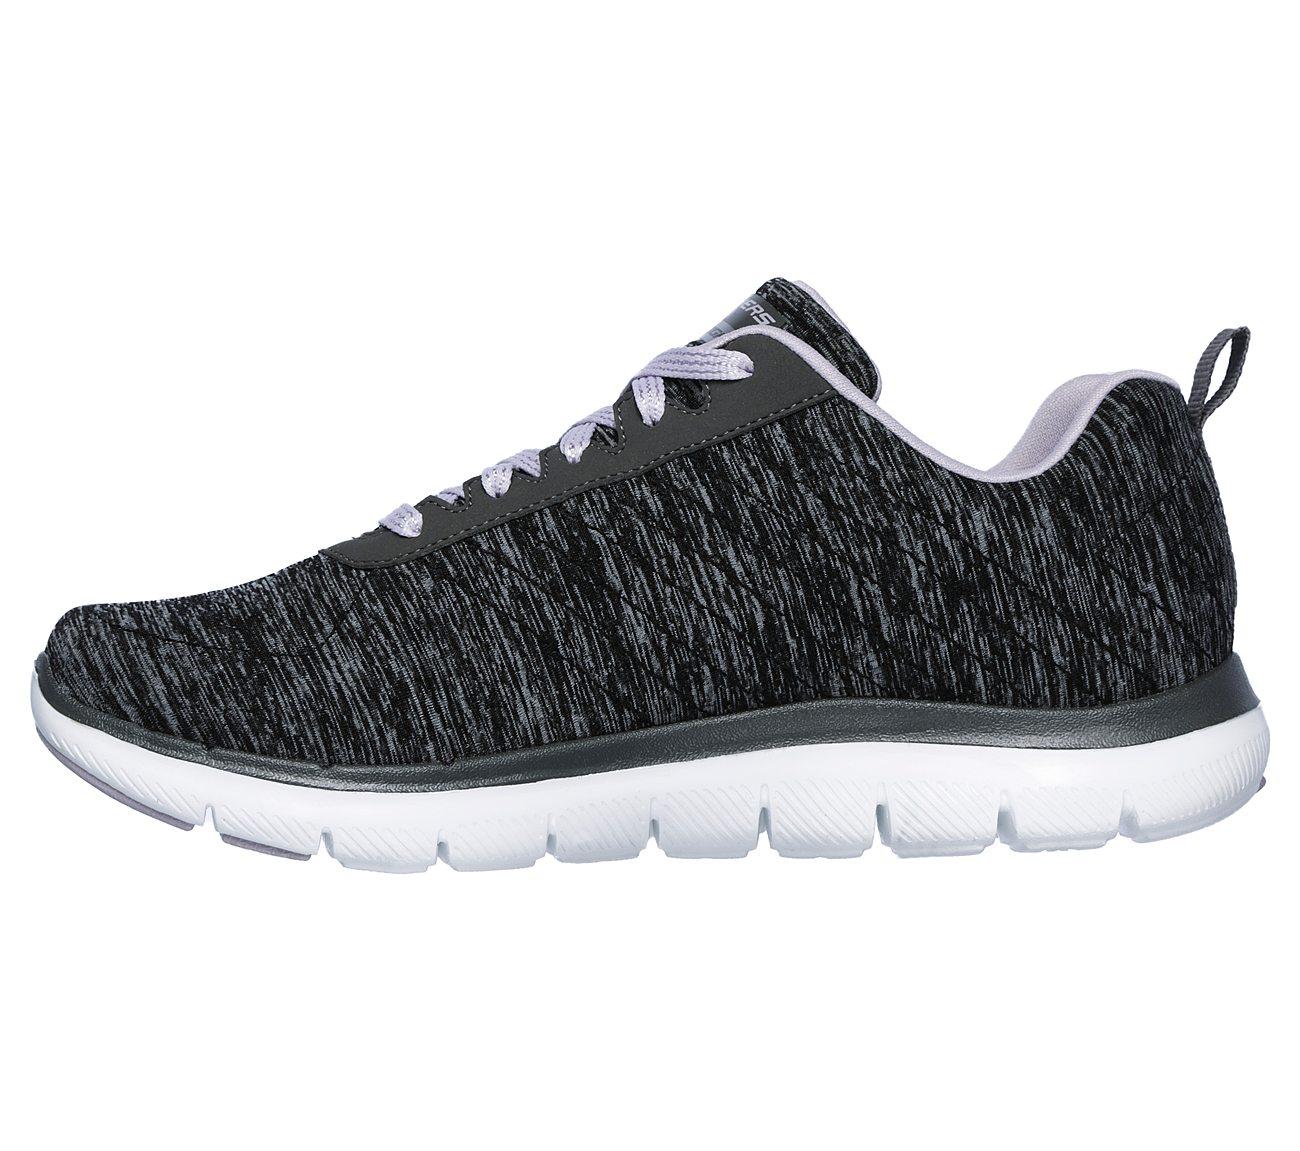 Buy SKECHERS Flex Appeal 2.0 Flex Appeal Shoes only  49.00 041ece786bd7